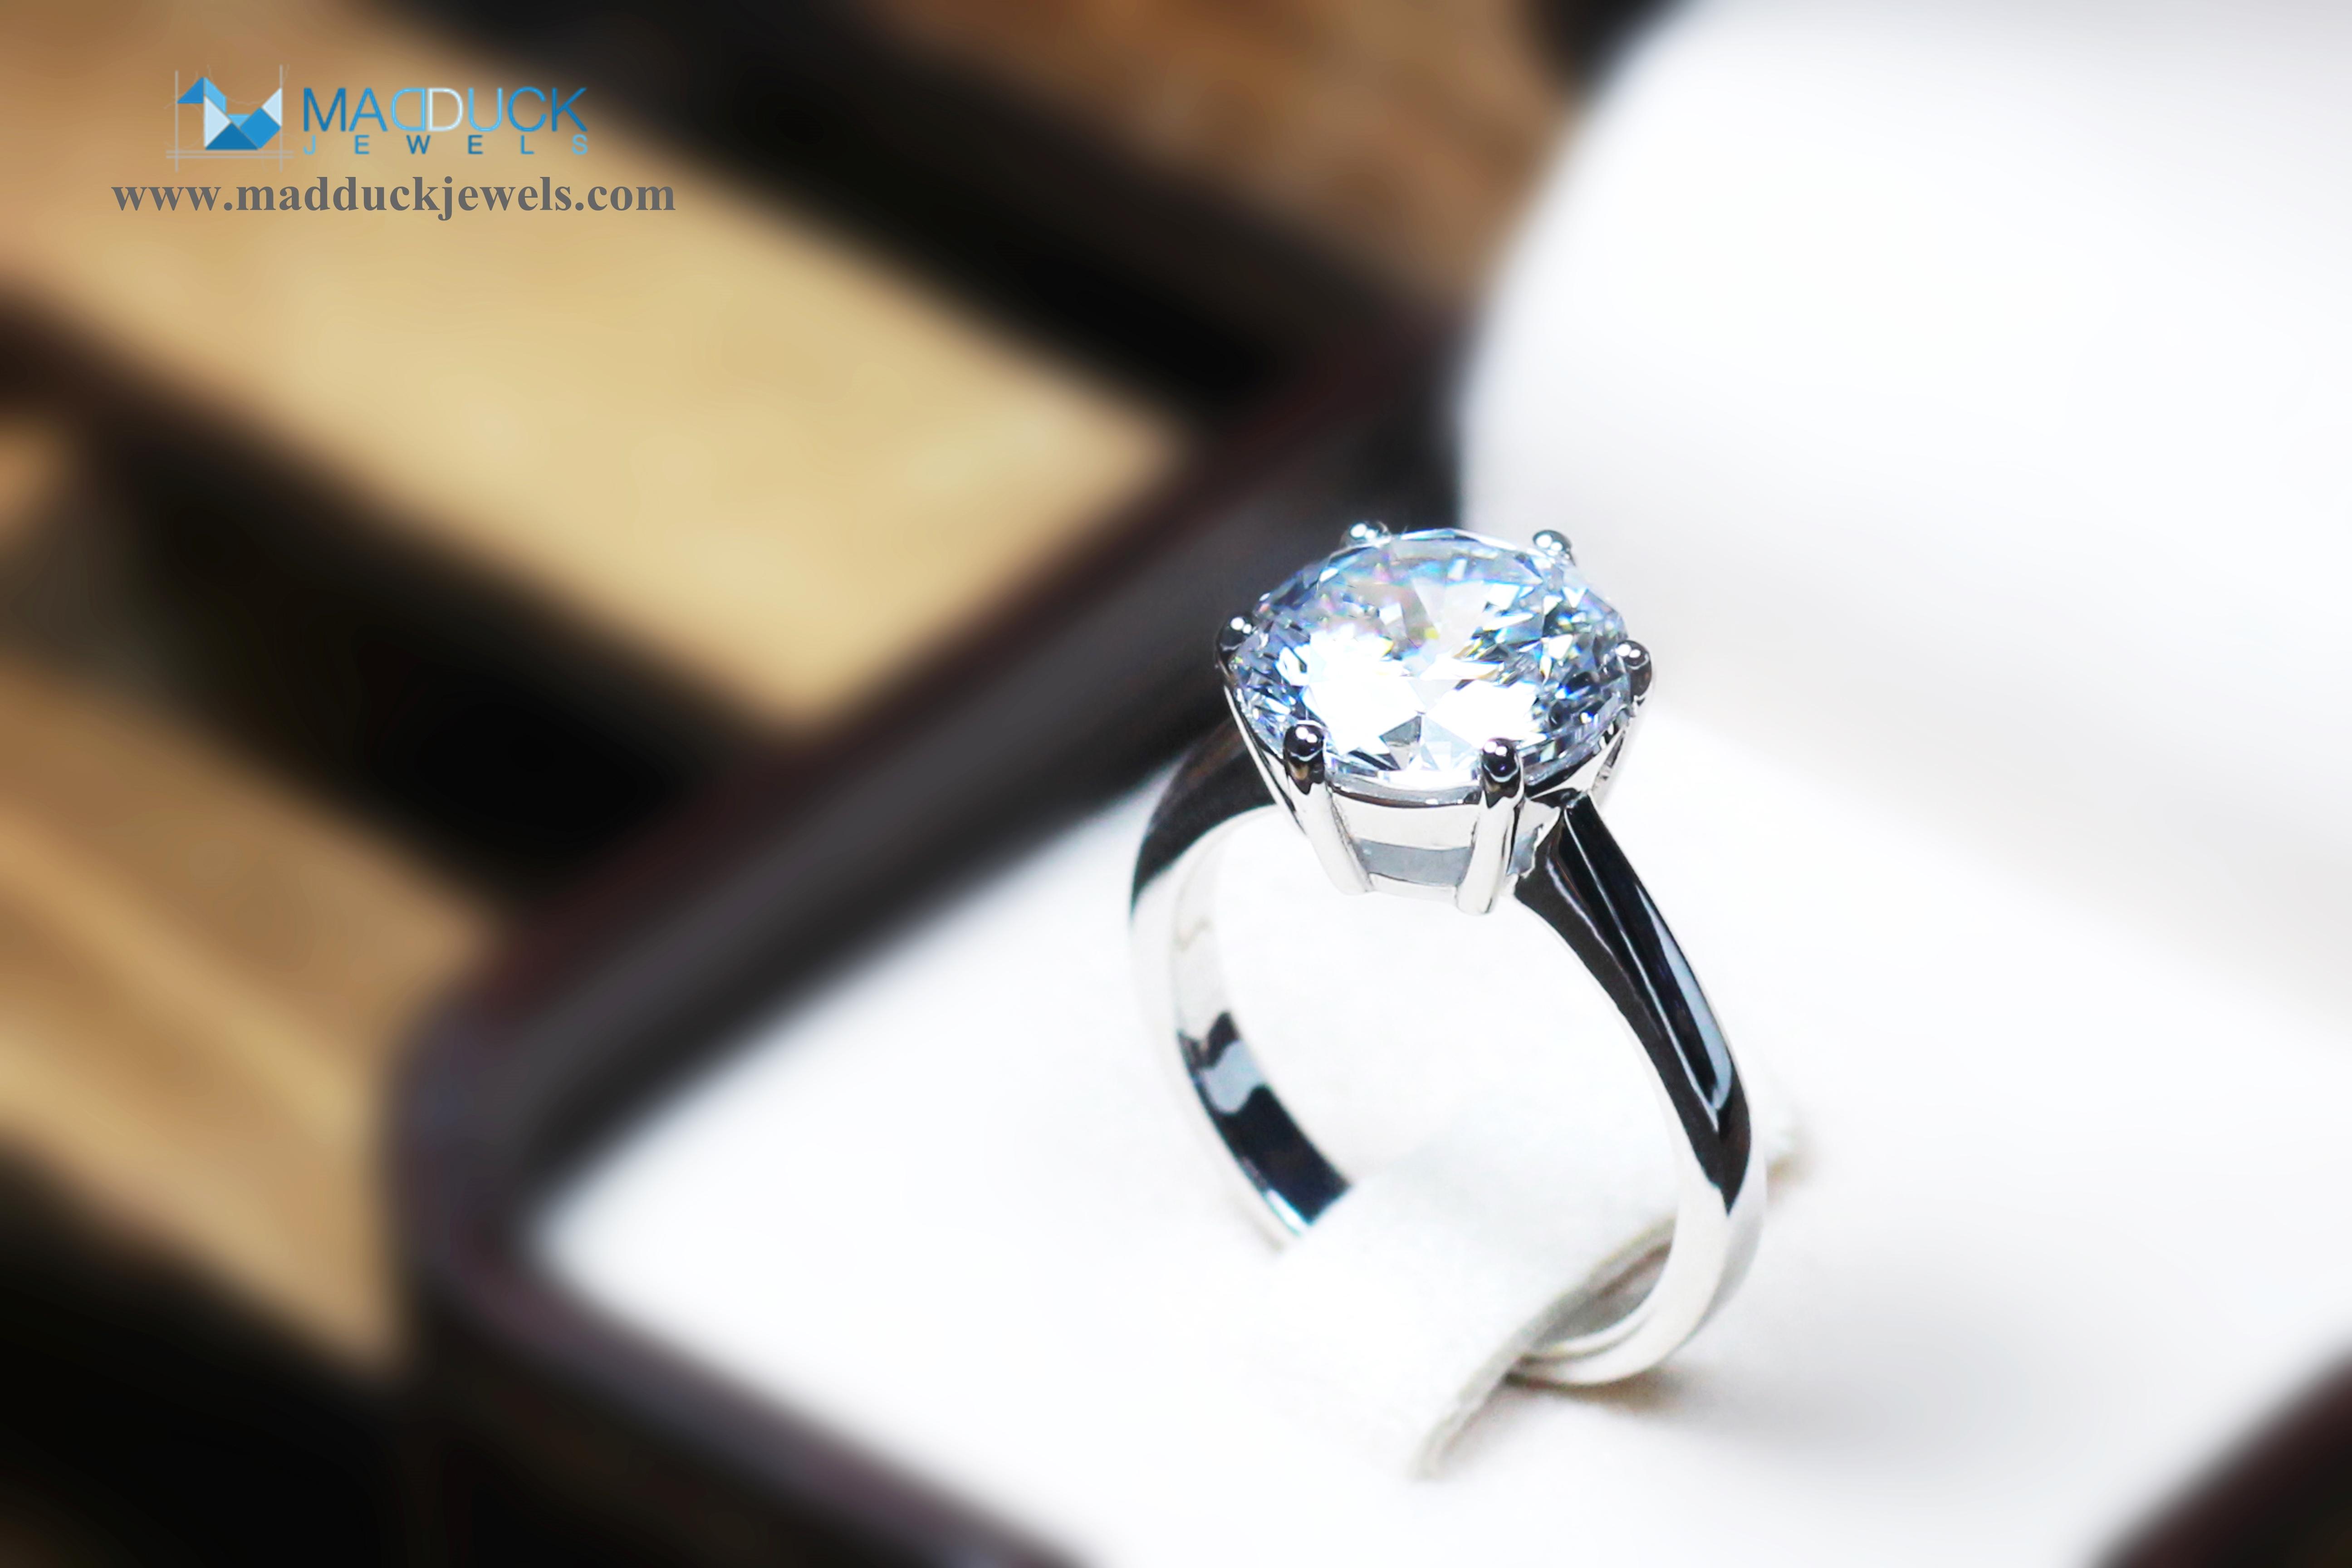 แหวนเงินแท้ เพชรสังเคราะห์ ชุบทองคำขาว รุ่น RG1538 4.00 Carat